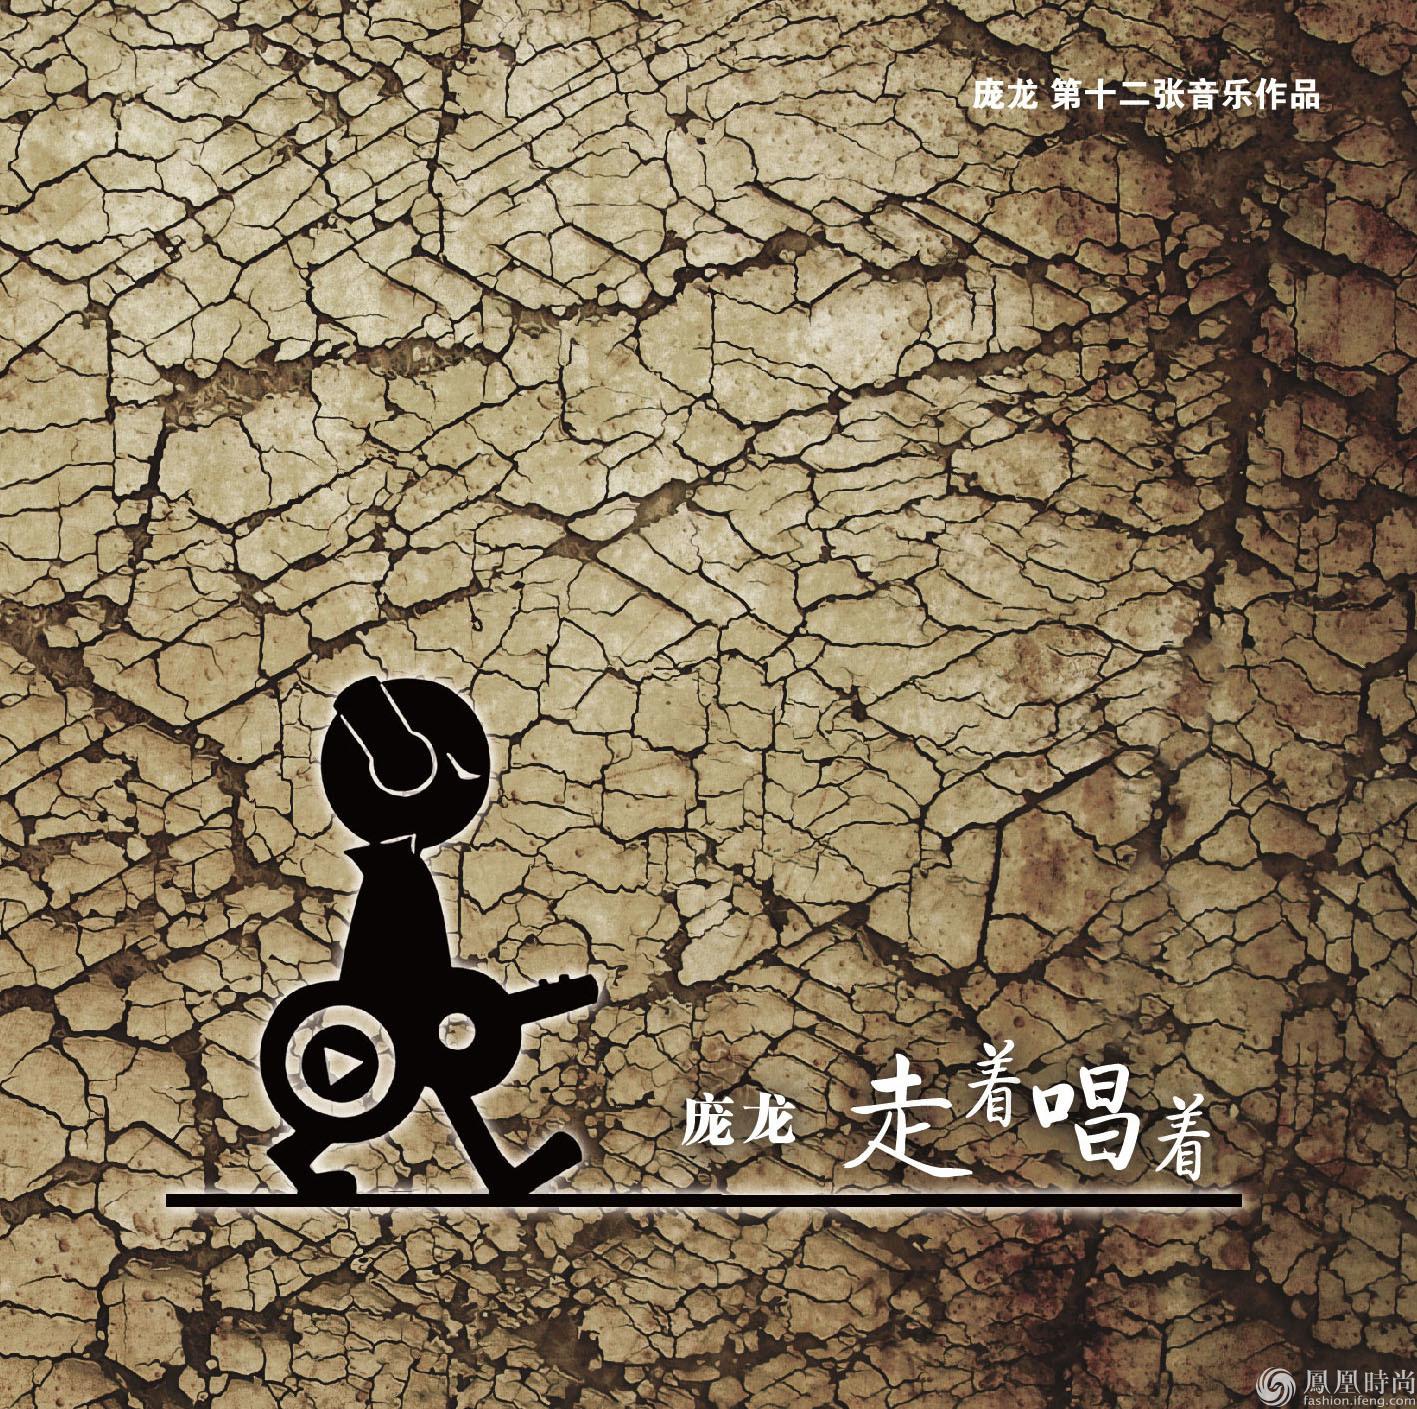 星之所在吉他谱子-庞龙   《走着唱着》封面6月12日,星外星音乐推出   庞龙   实体最新实